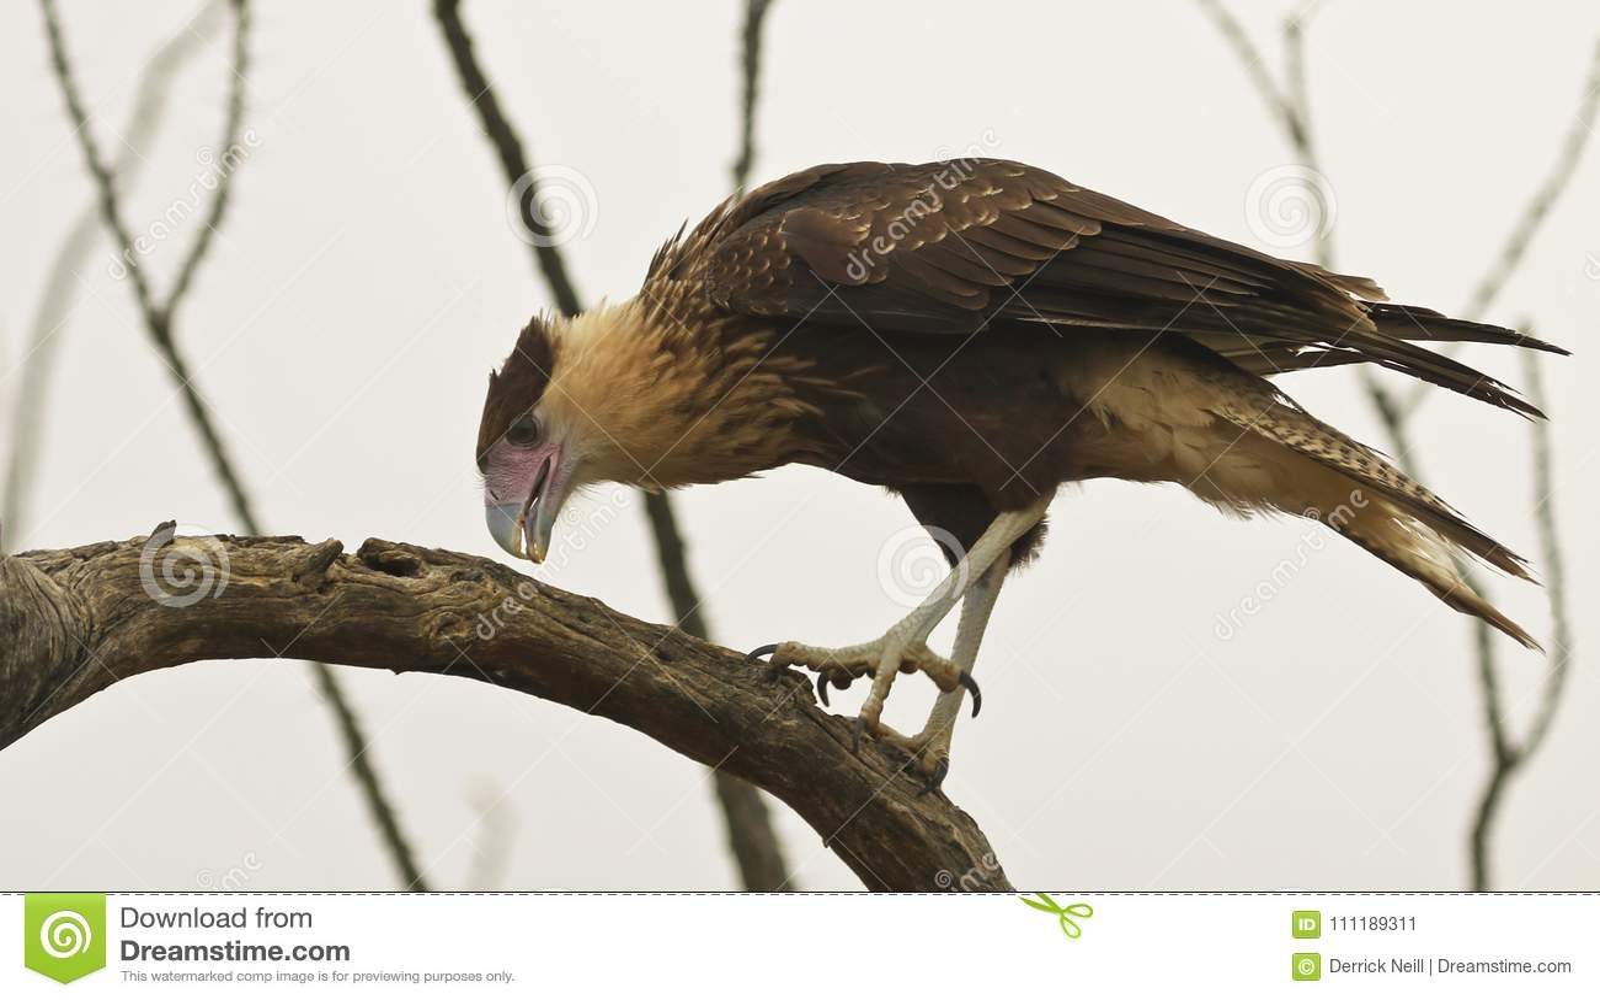 Неполовозрелый северный Crested Caracara, Caracara cheriway